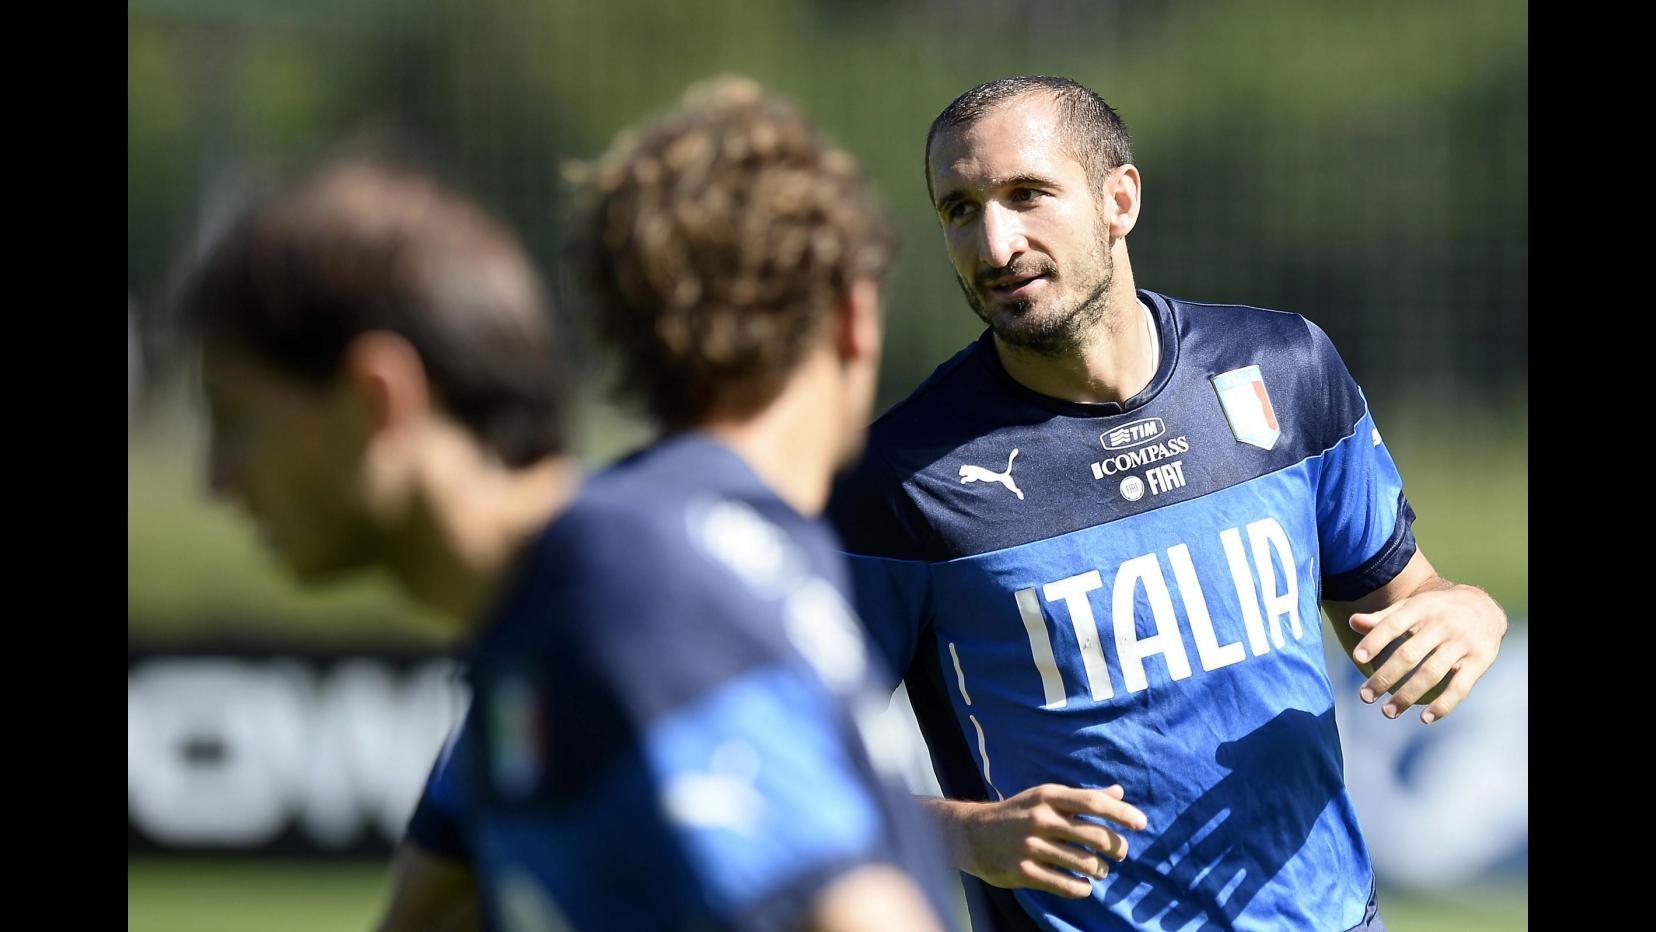 Mondiali 2014, Chiellini: Buffon e Pirlo colonne dell'Italia. Azzurri in volo per Manaus